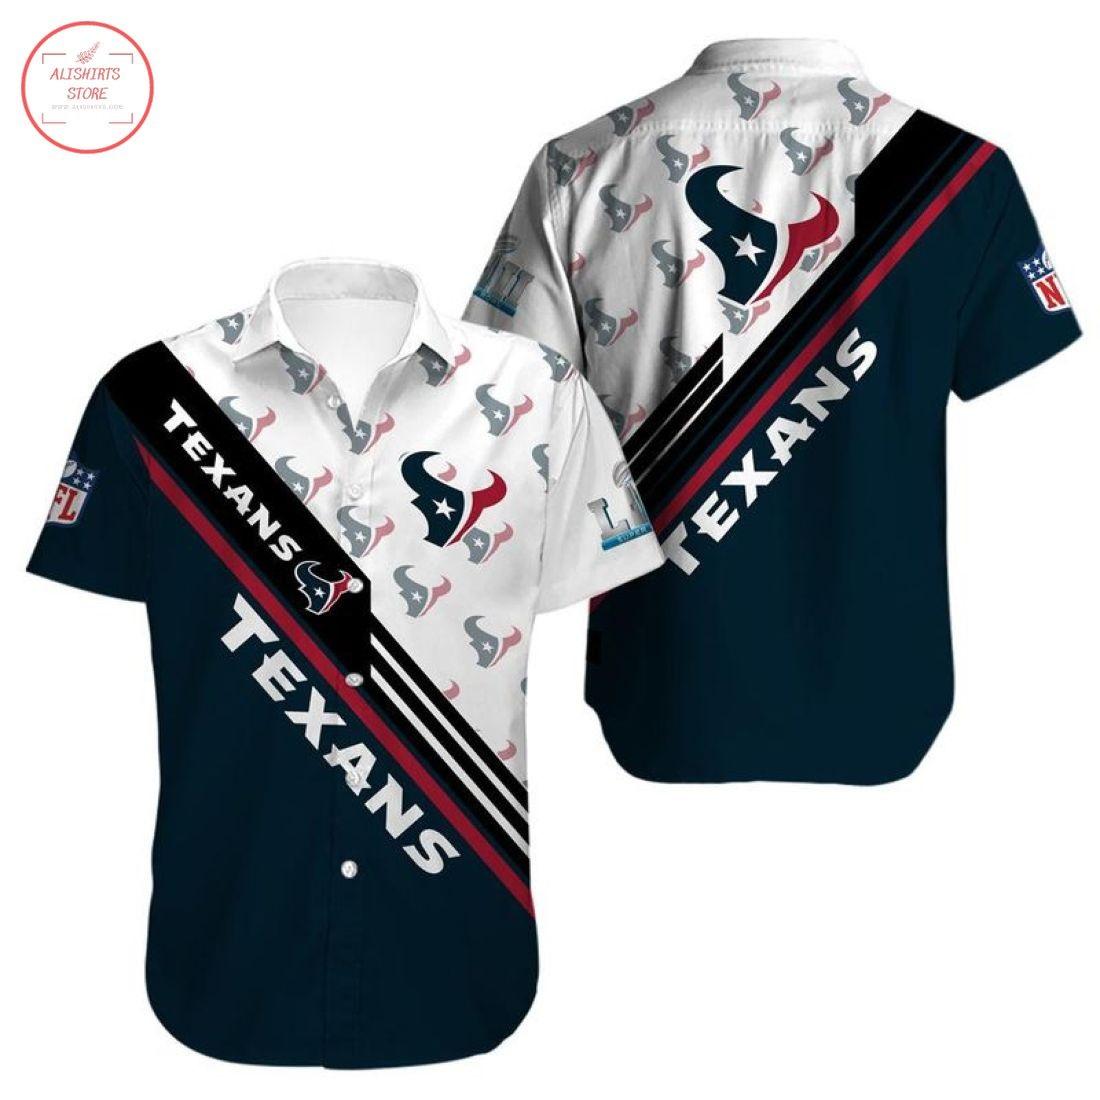 Nfl Houston Texans Hawaiian shirt